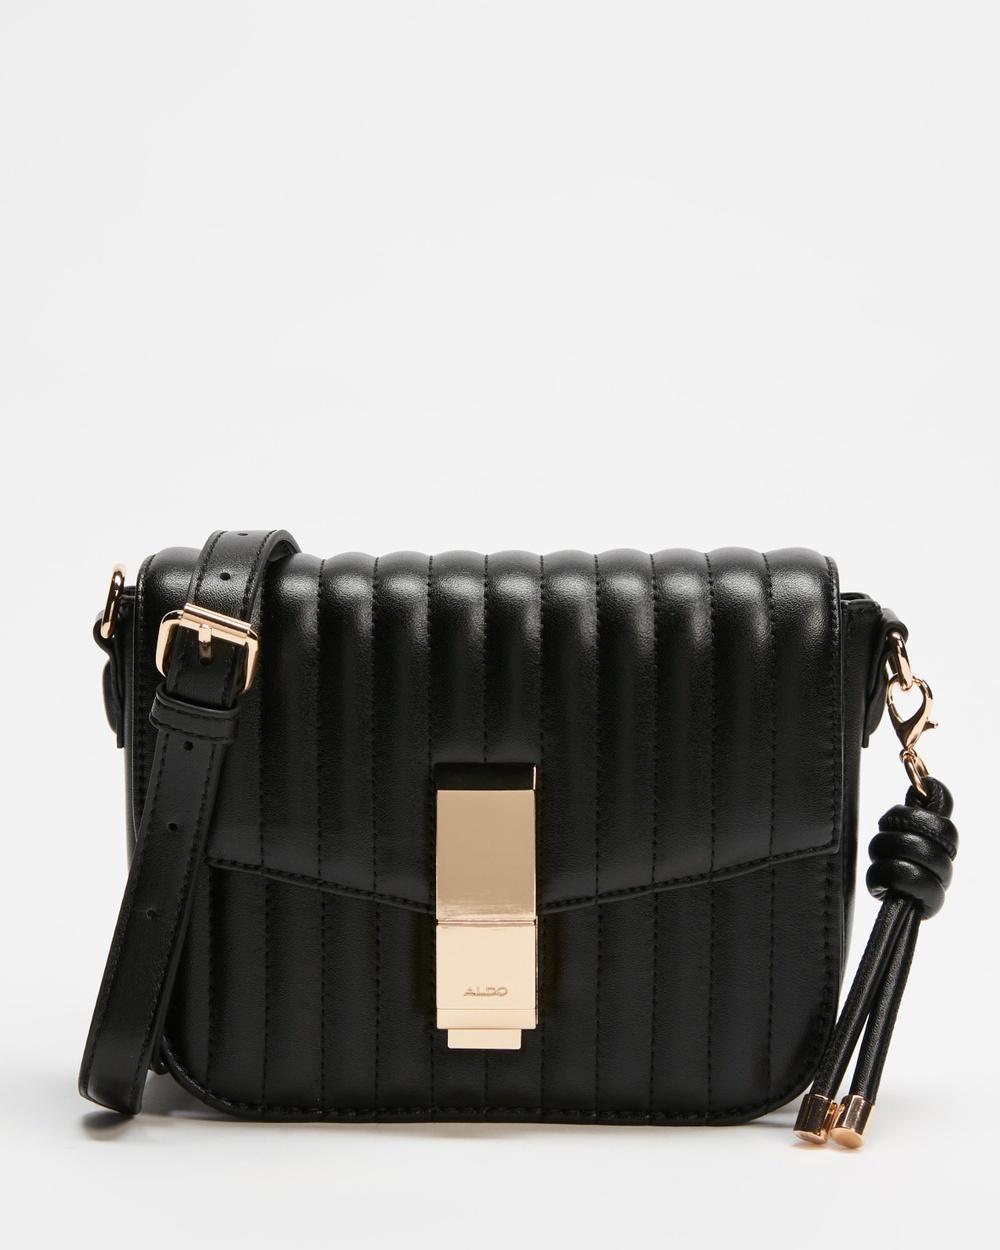 ALDO Erigrossa Crossbody Bags Black